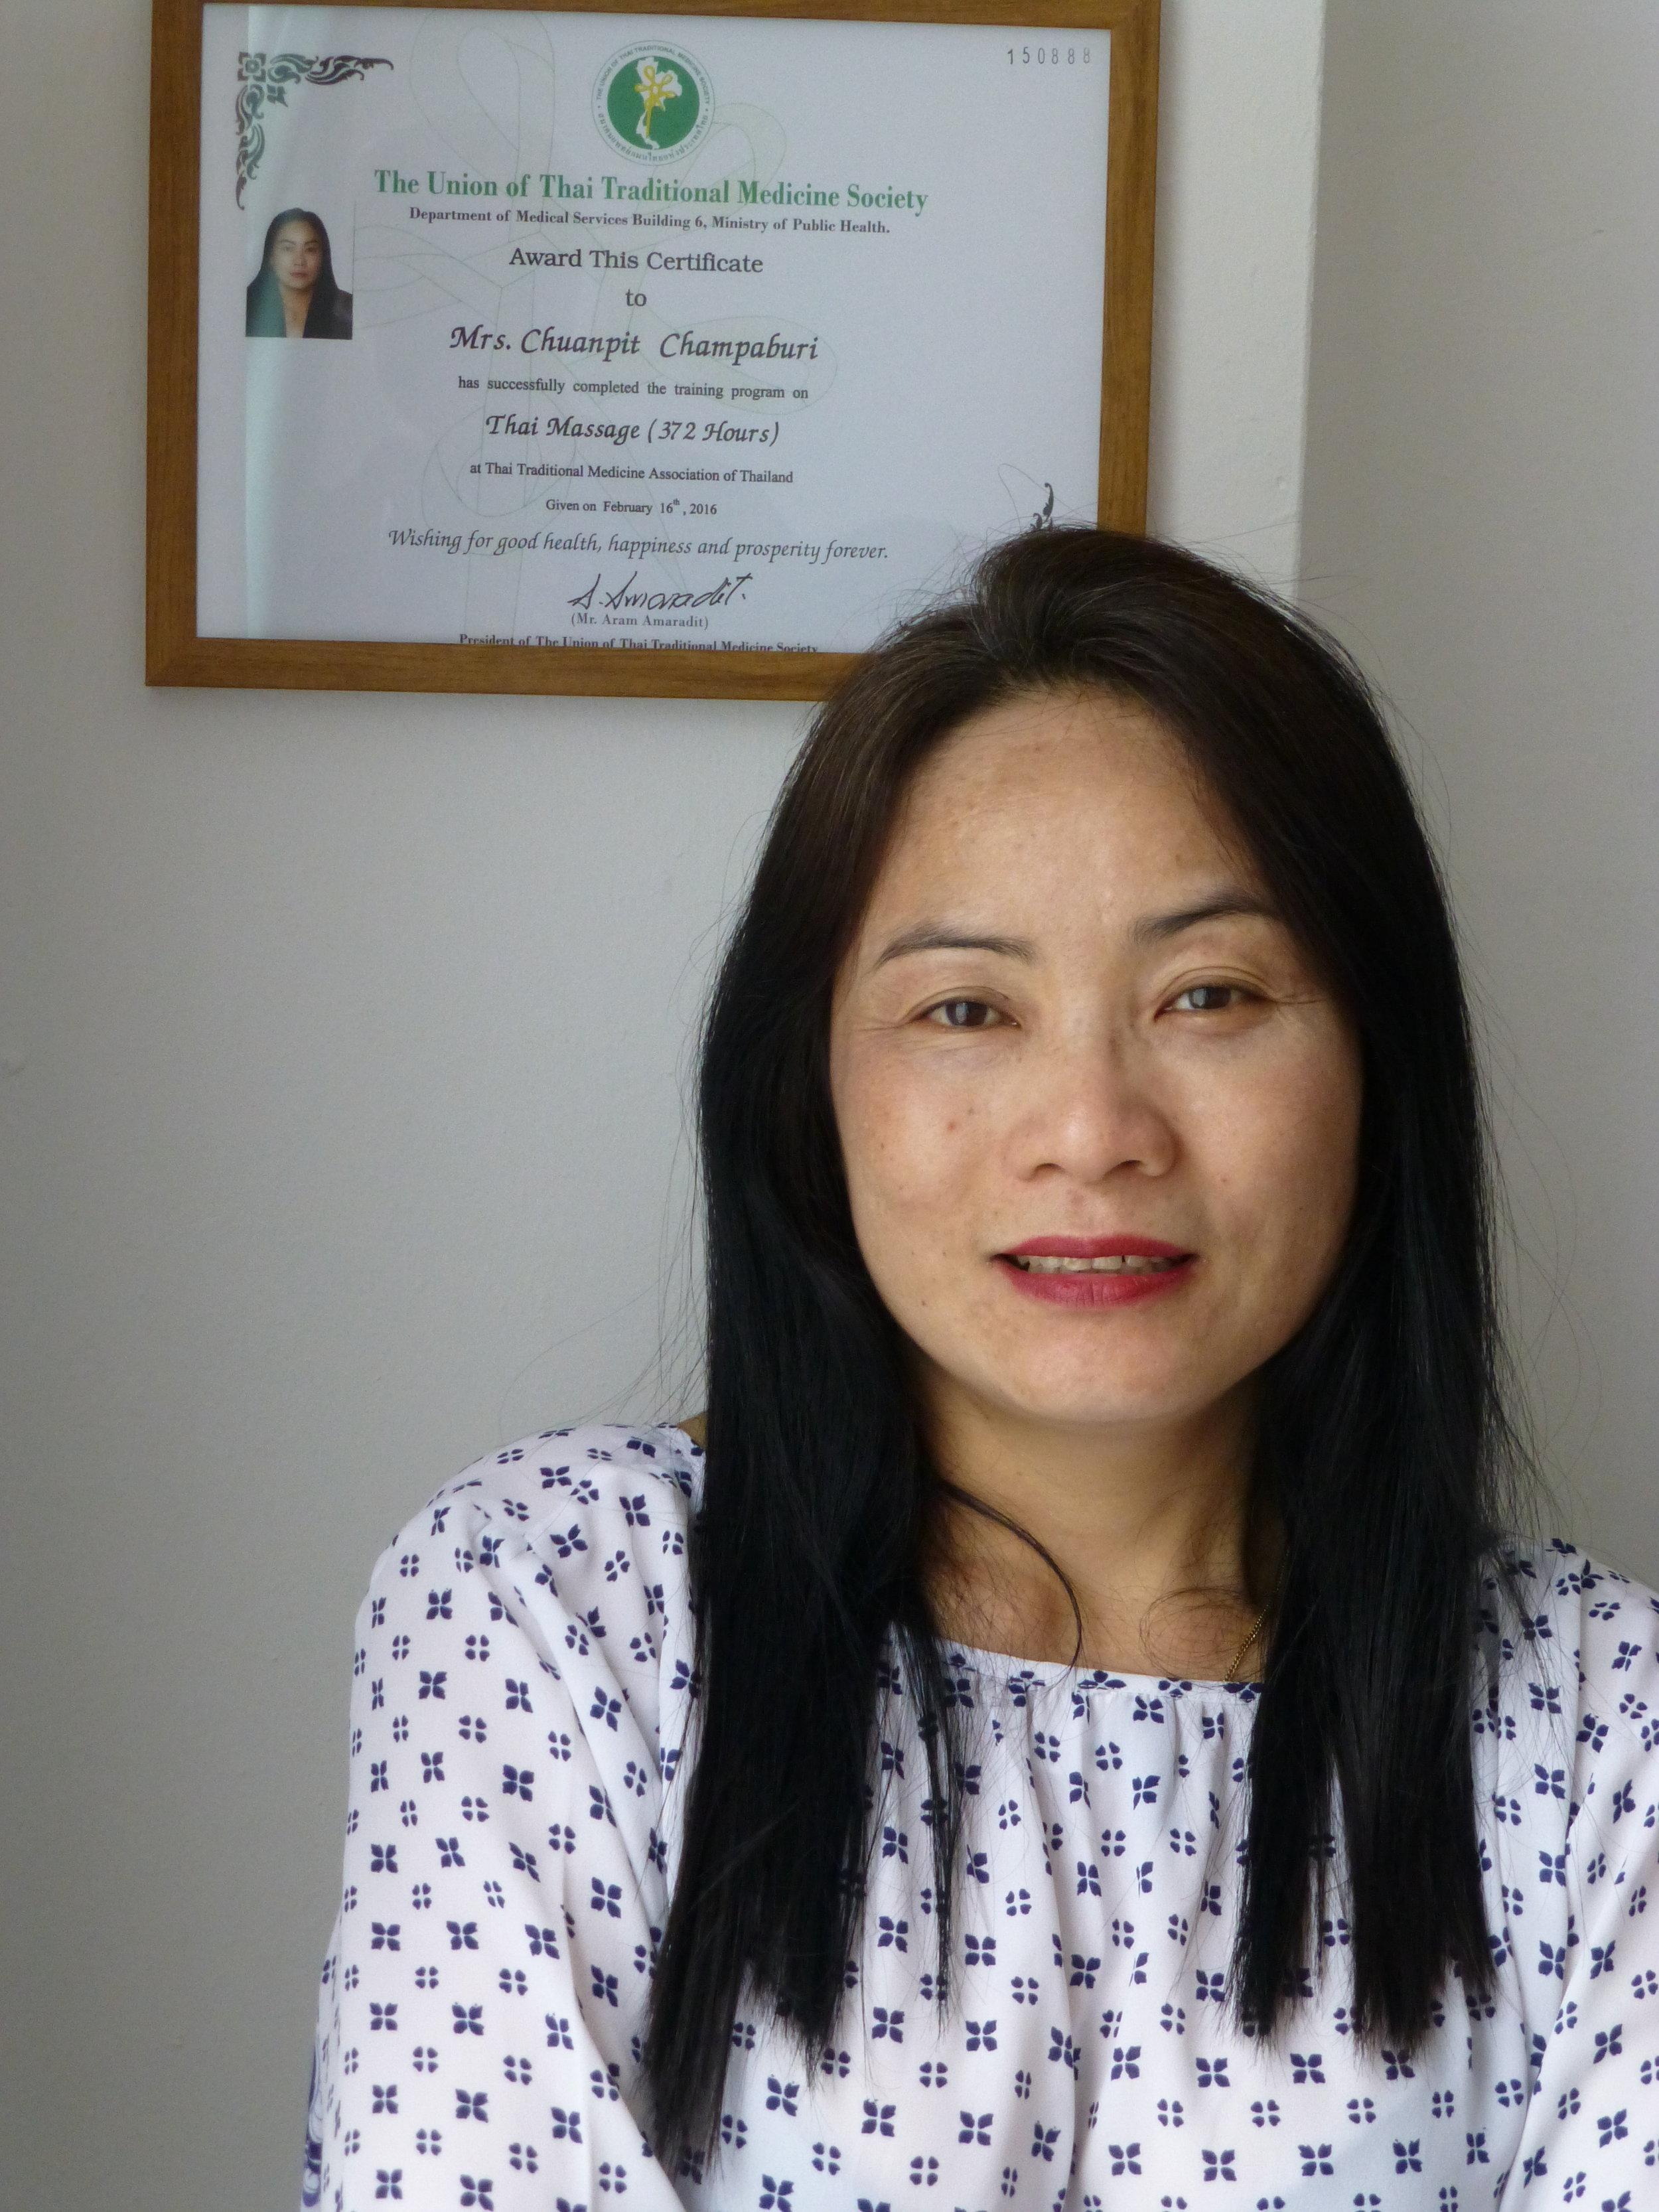 Wat is Thaise massage? - De echte, professionele Thaise massage is een eeuwenoud systeem om gezondheid, ontspanning en energie te bevorderen. Een helend geschenk voor lichaam, geest en emoties uit de tijd van de Boeddha – door monniken geperfectioneerd en nu voor ons ter beschikking.Mai heeft meer dan 20 jaar ervaring met deze technieken, die tegenwicht bieden tegen de stress en dreiging van burn-out in onze gejaagde samenleving. Tot haar klantenkring behoren ook tevreden BN'ers.Uitputting, spierpijn, spanning in nek of schouders? Na een Thaise massage voelt alles lichter en stroomt de energie door. Gun jezelf de kans om even bij te komen. Er zijn verschillende soorten massage, zodat aanpassen aan je eigen behoeften eenvoudig is.